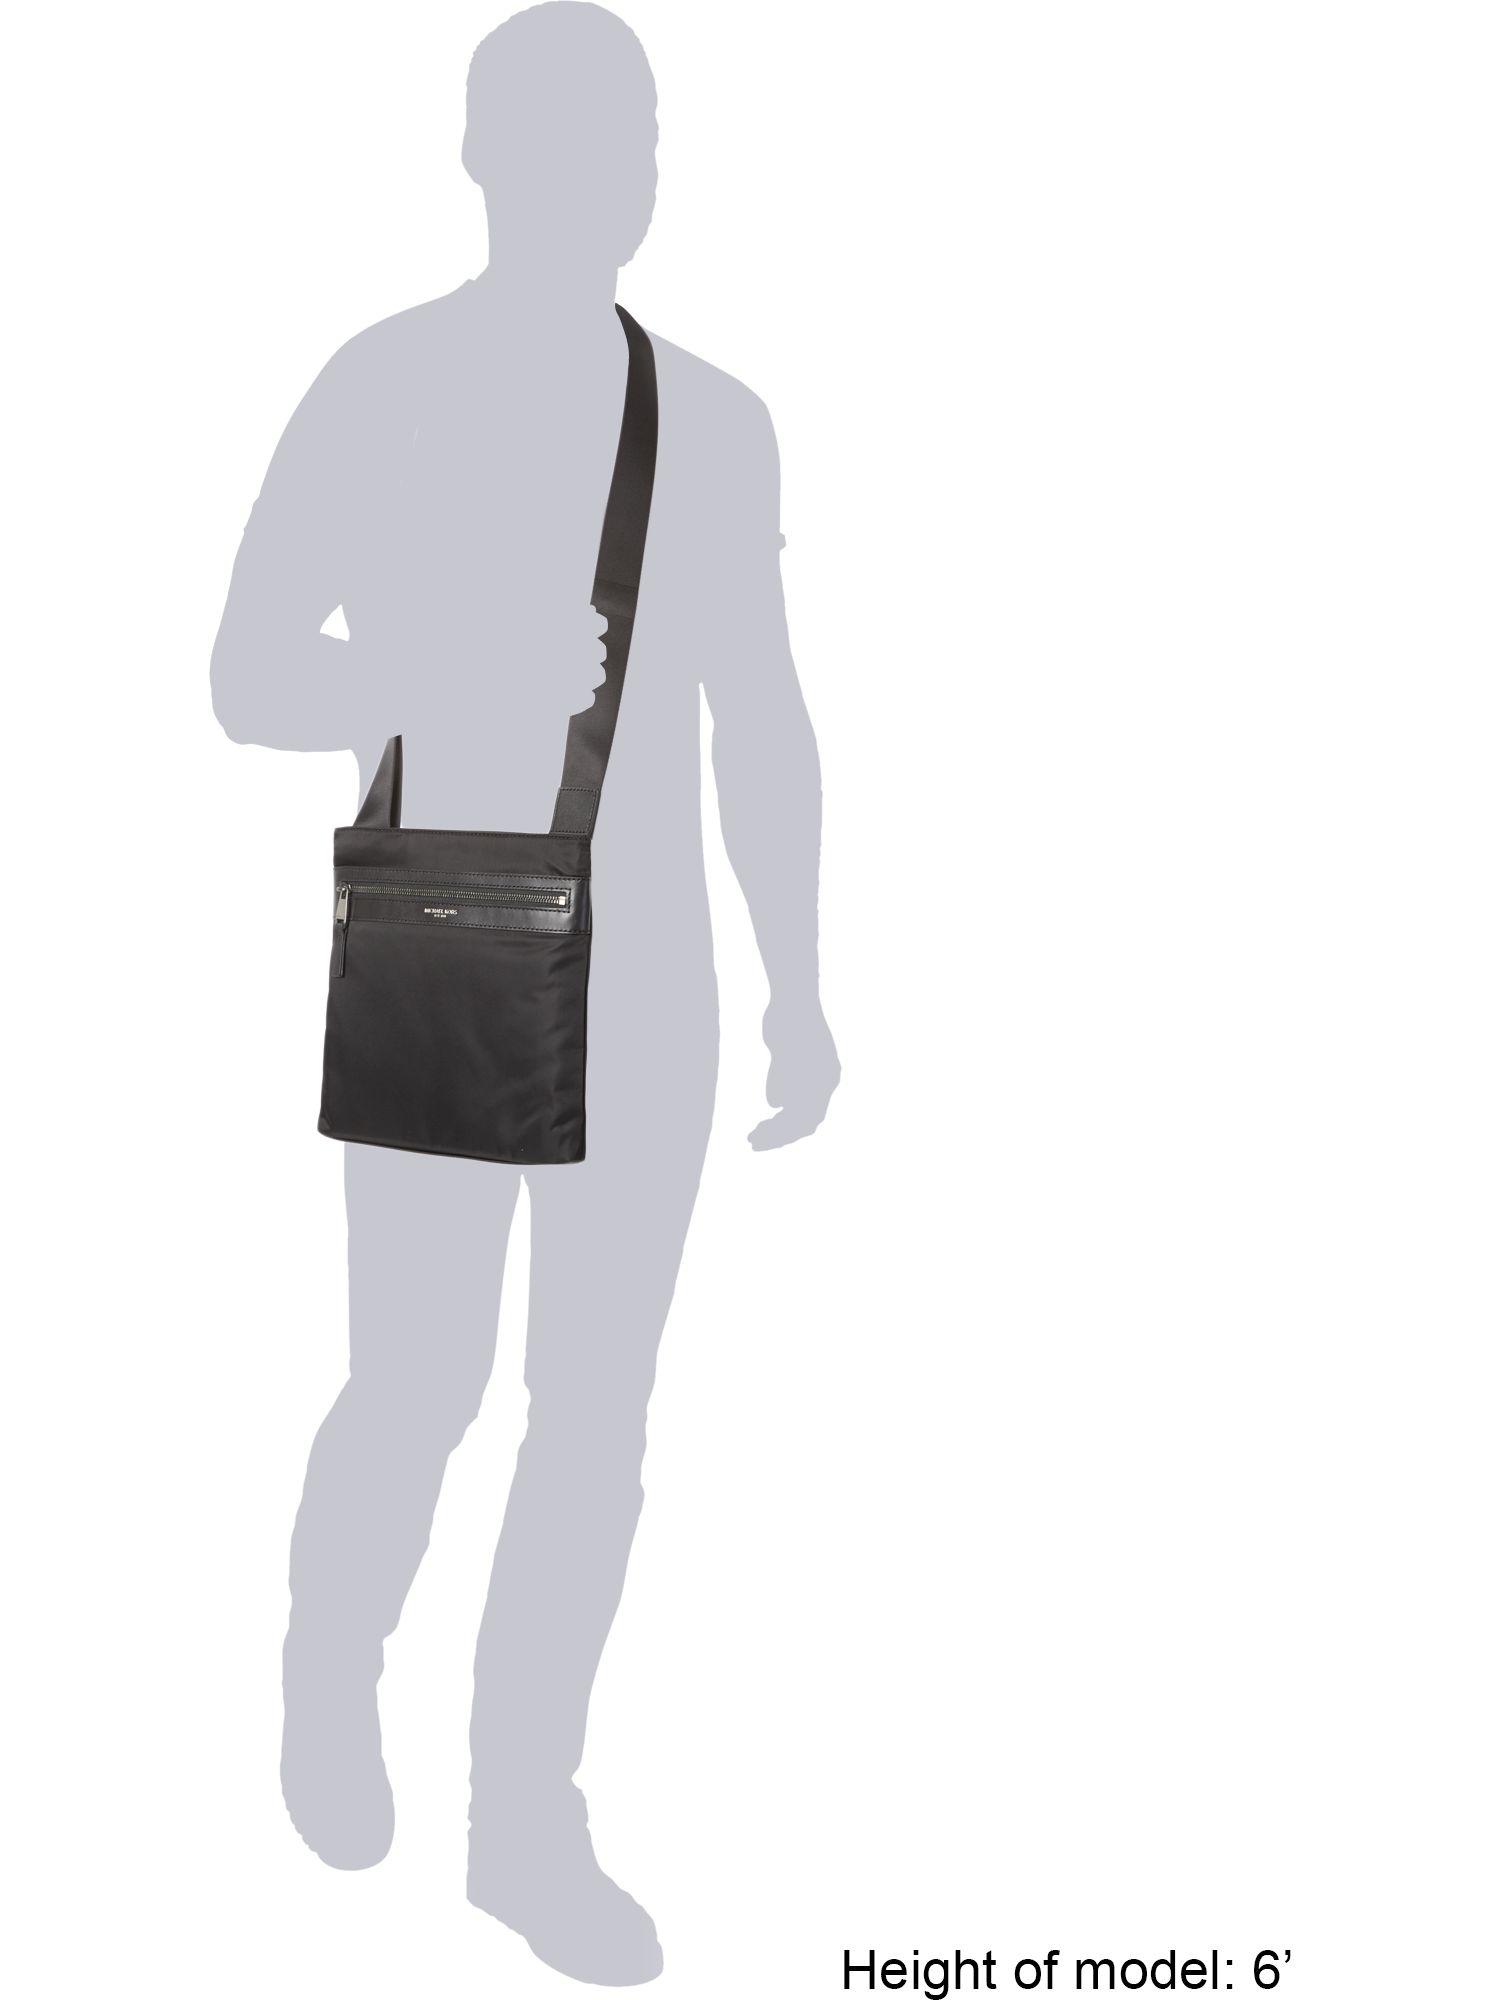 Michael Kors Kent Nylon Cross Body in Indigo (Black) for Men